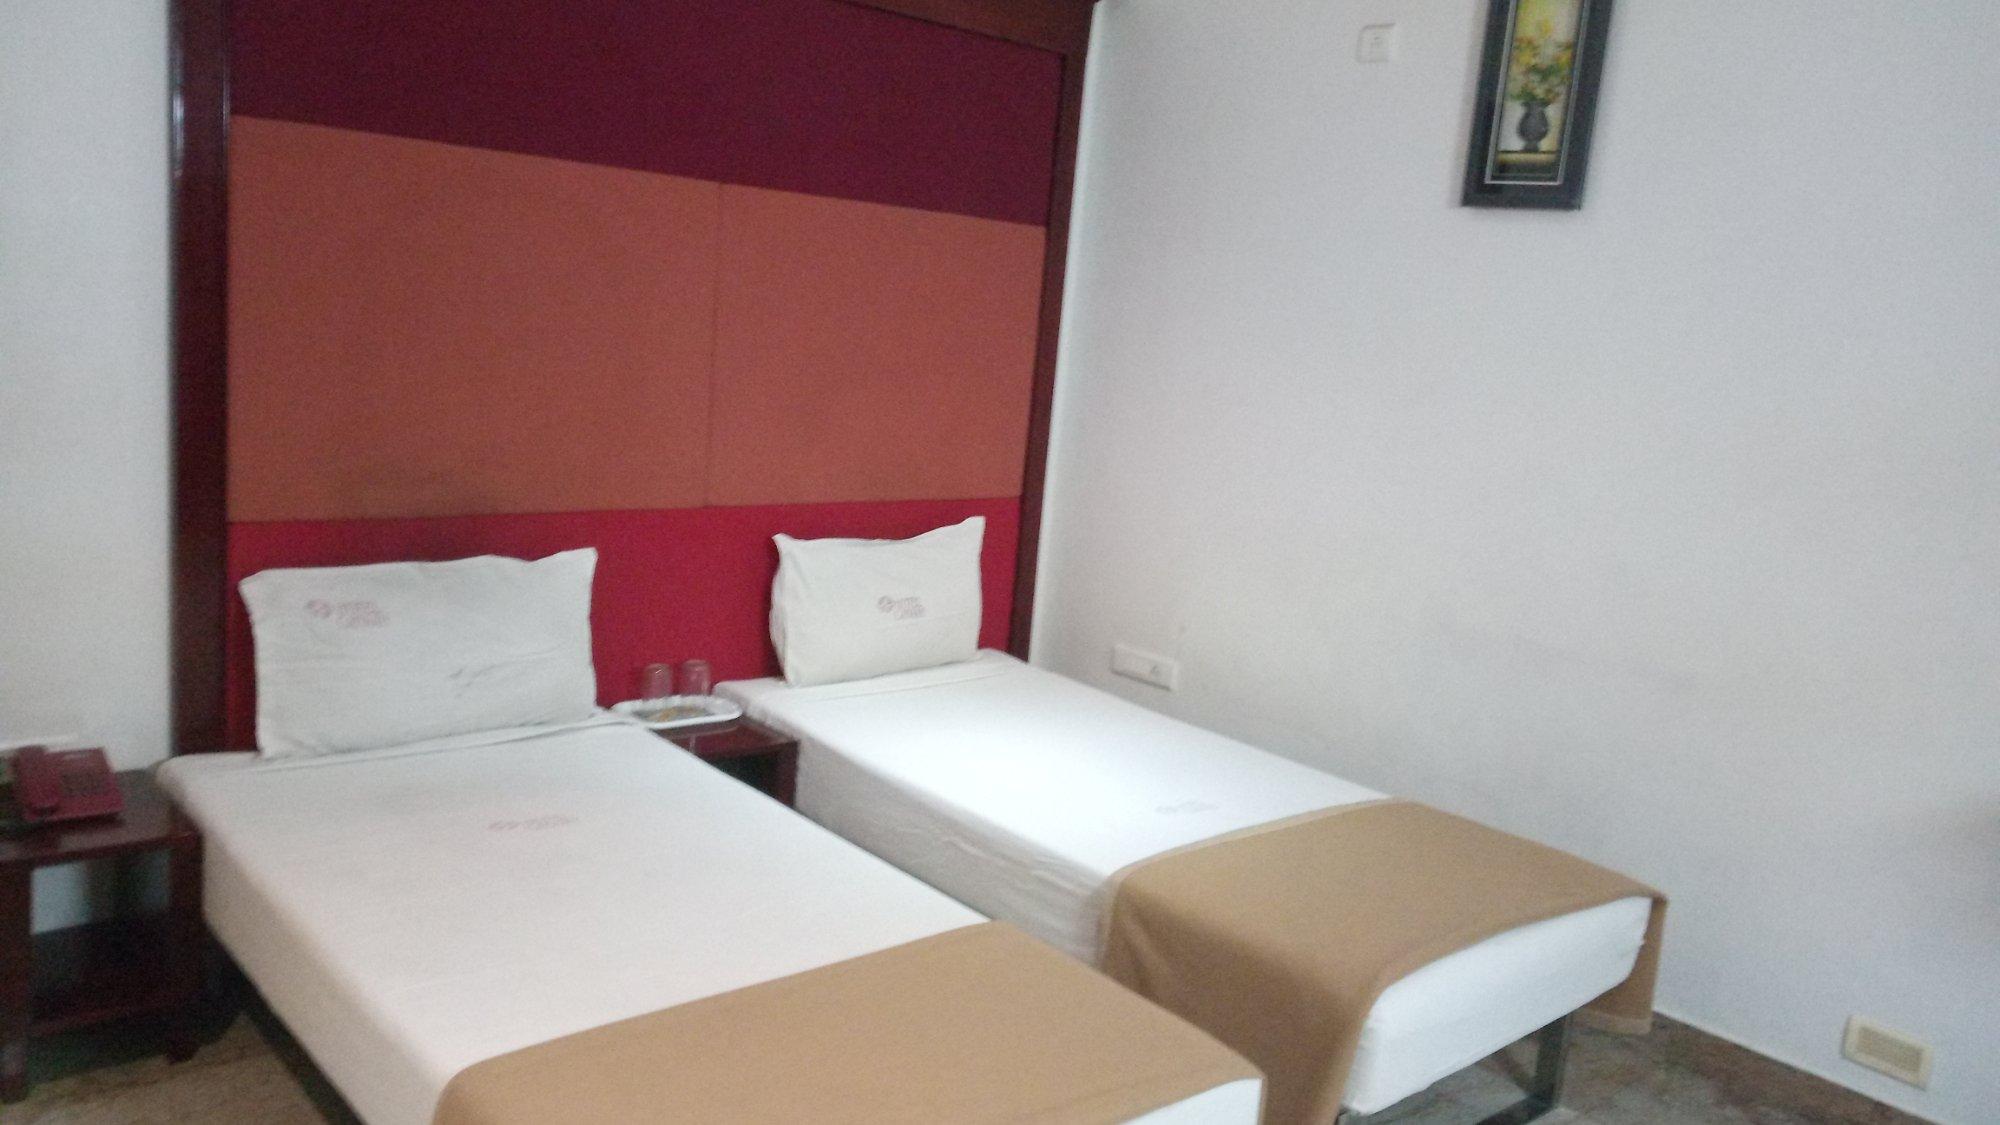 Canaan Hotel - Delhi Image